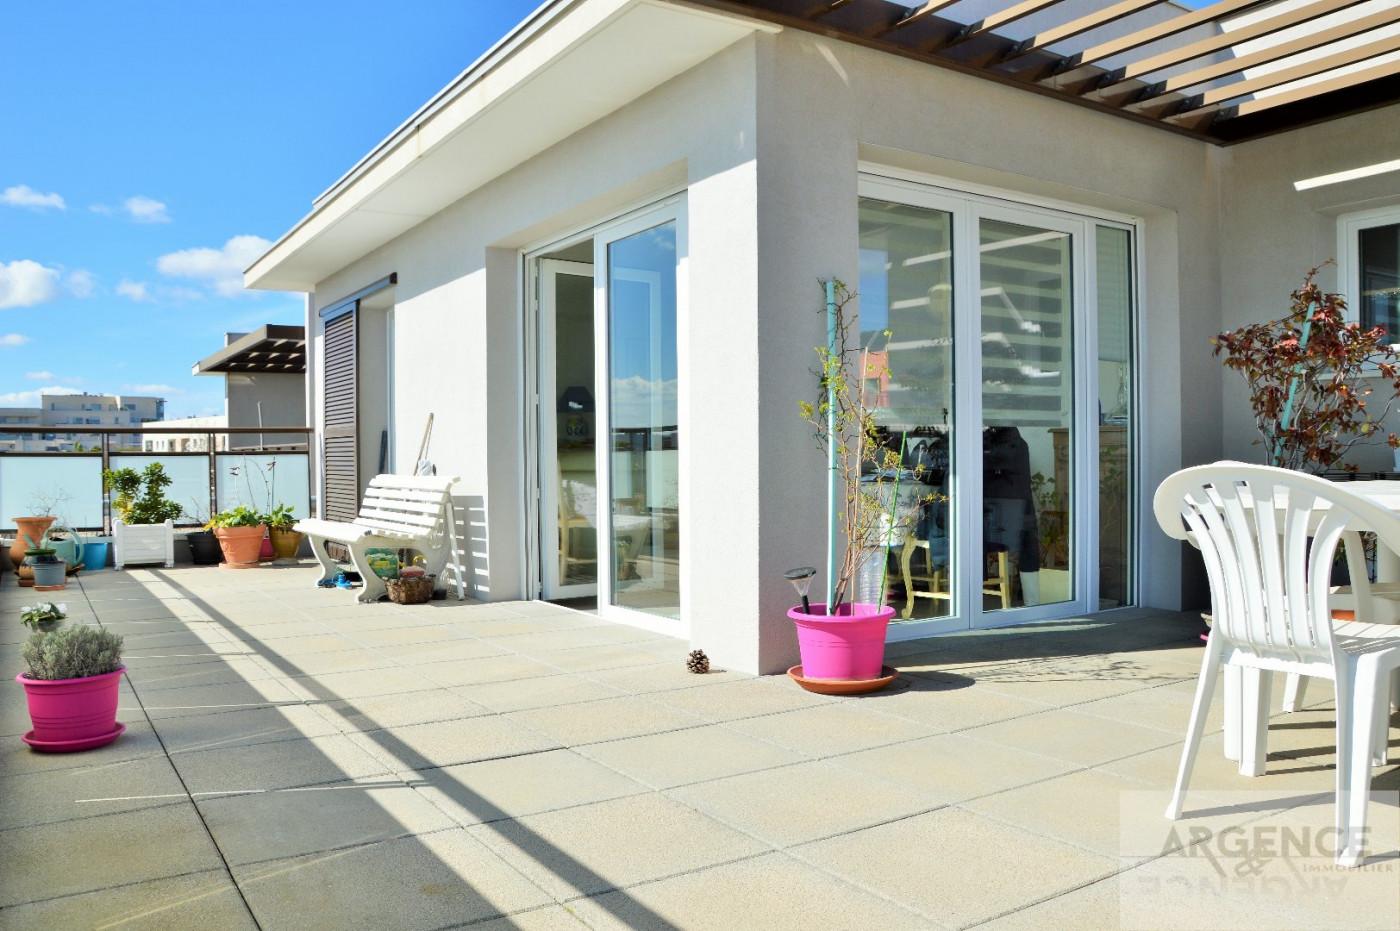 A vendre Castelnau Le Lez 345335395 Argence immobilier